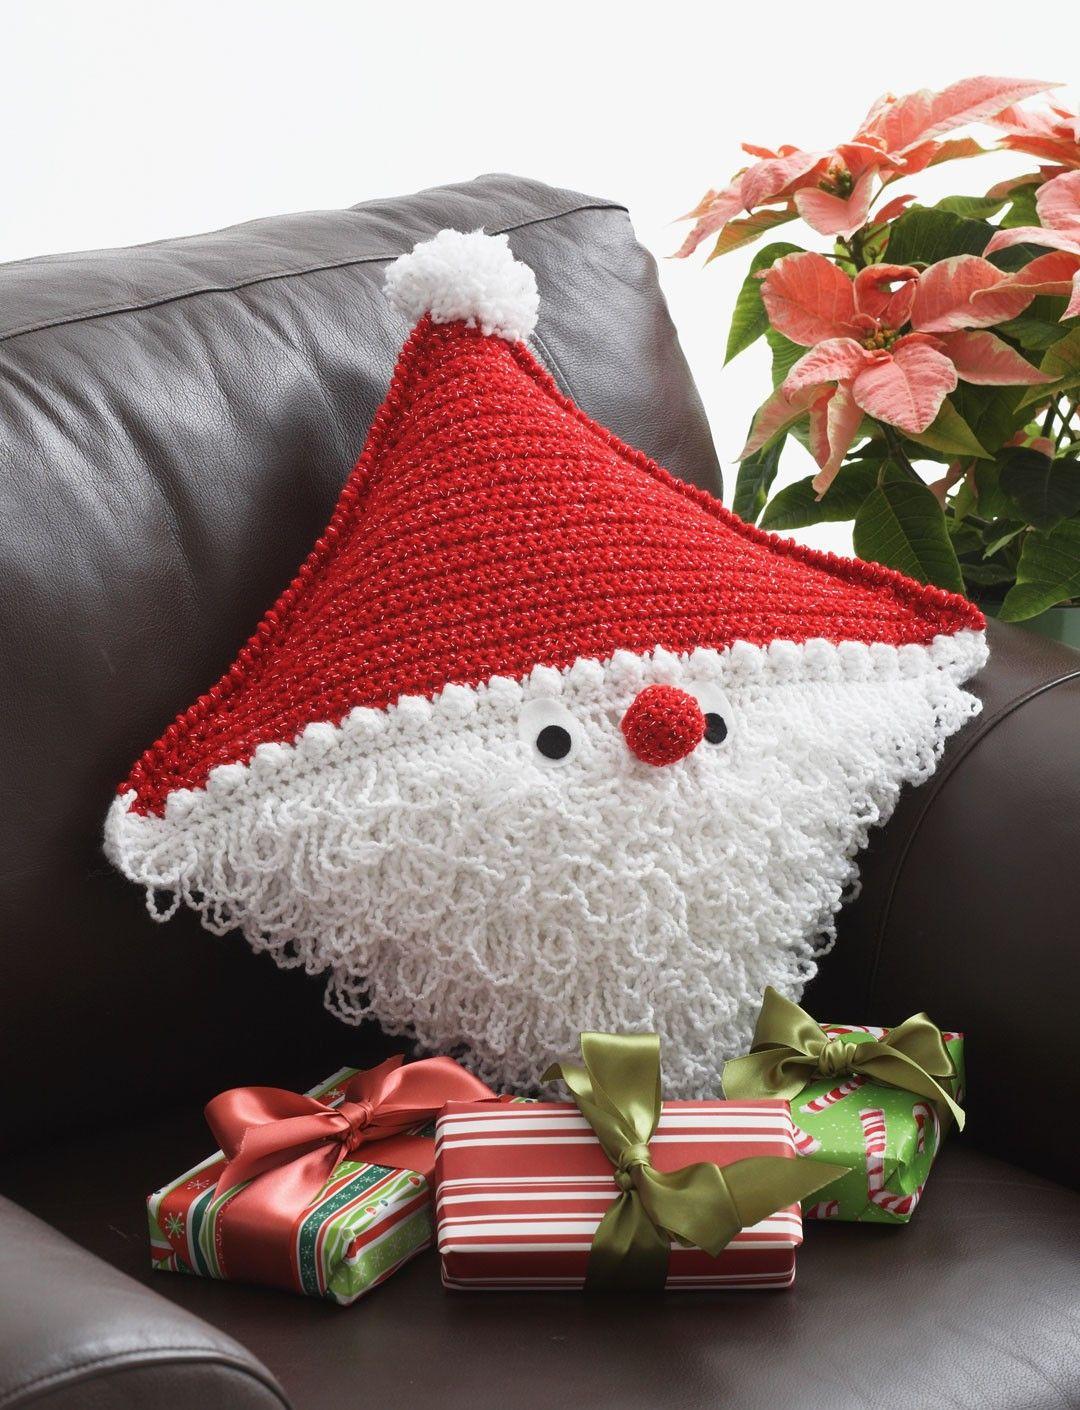 Pin von Eva Prell auf Christmas crafts | Pinterest ...